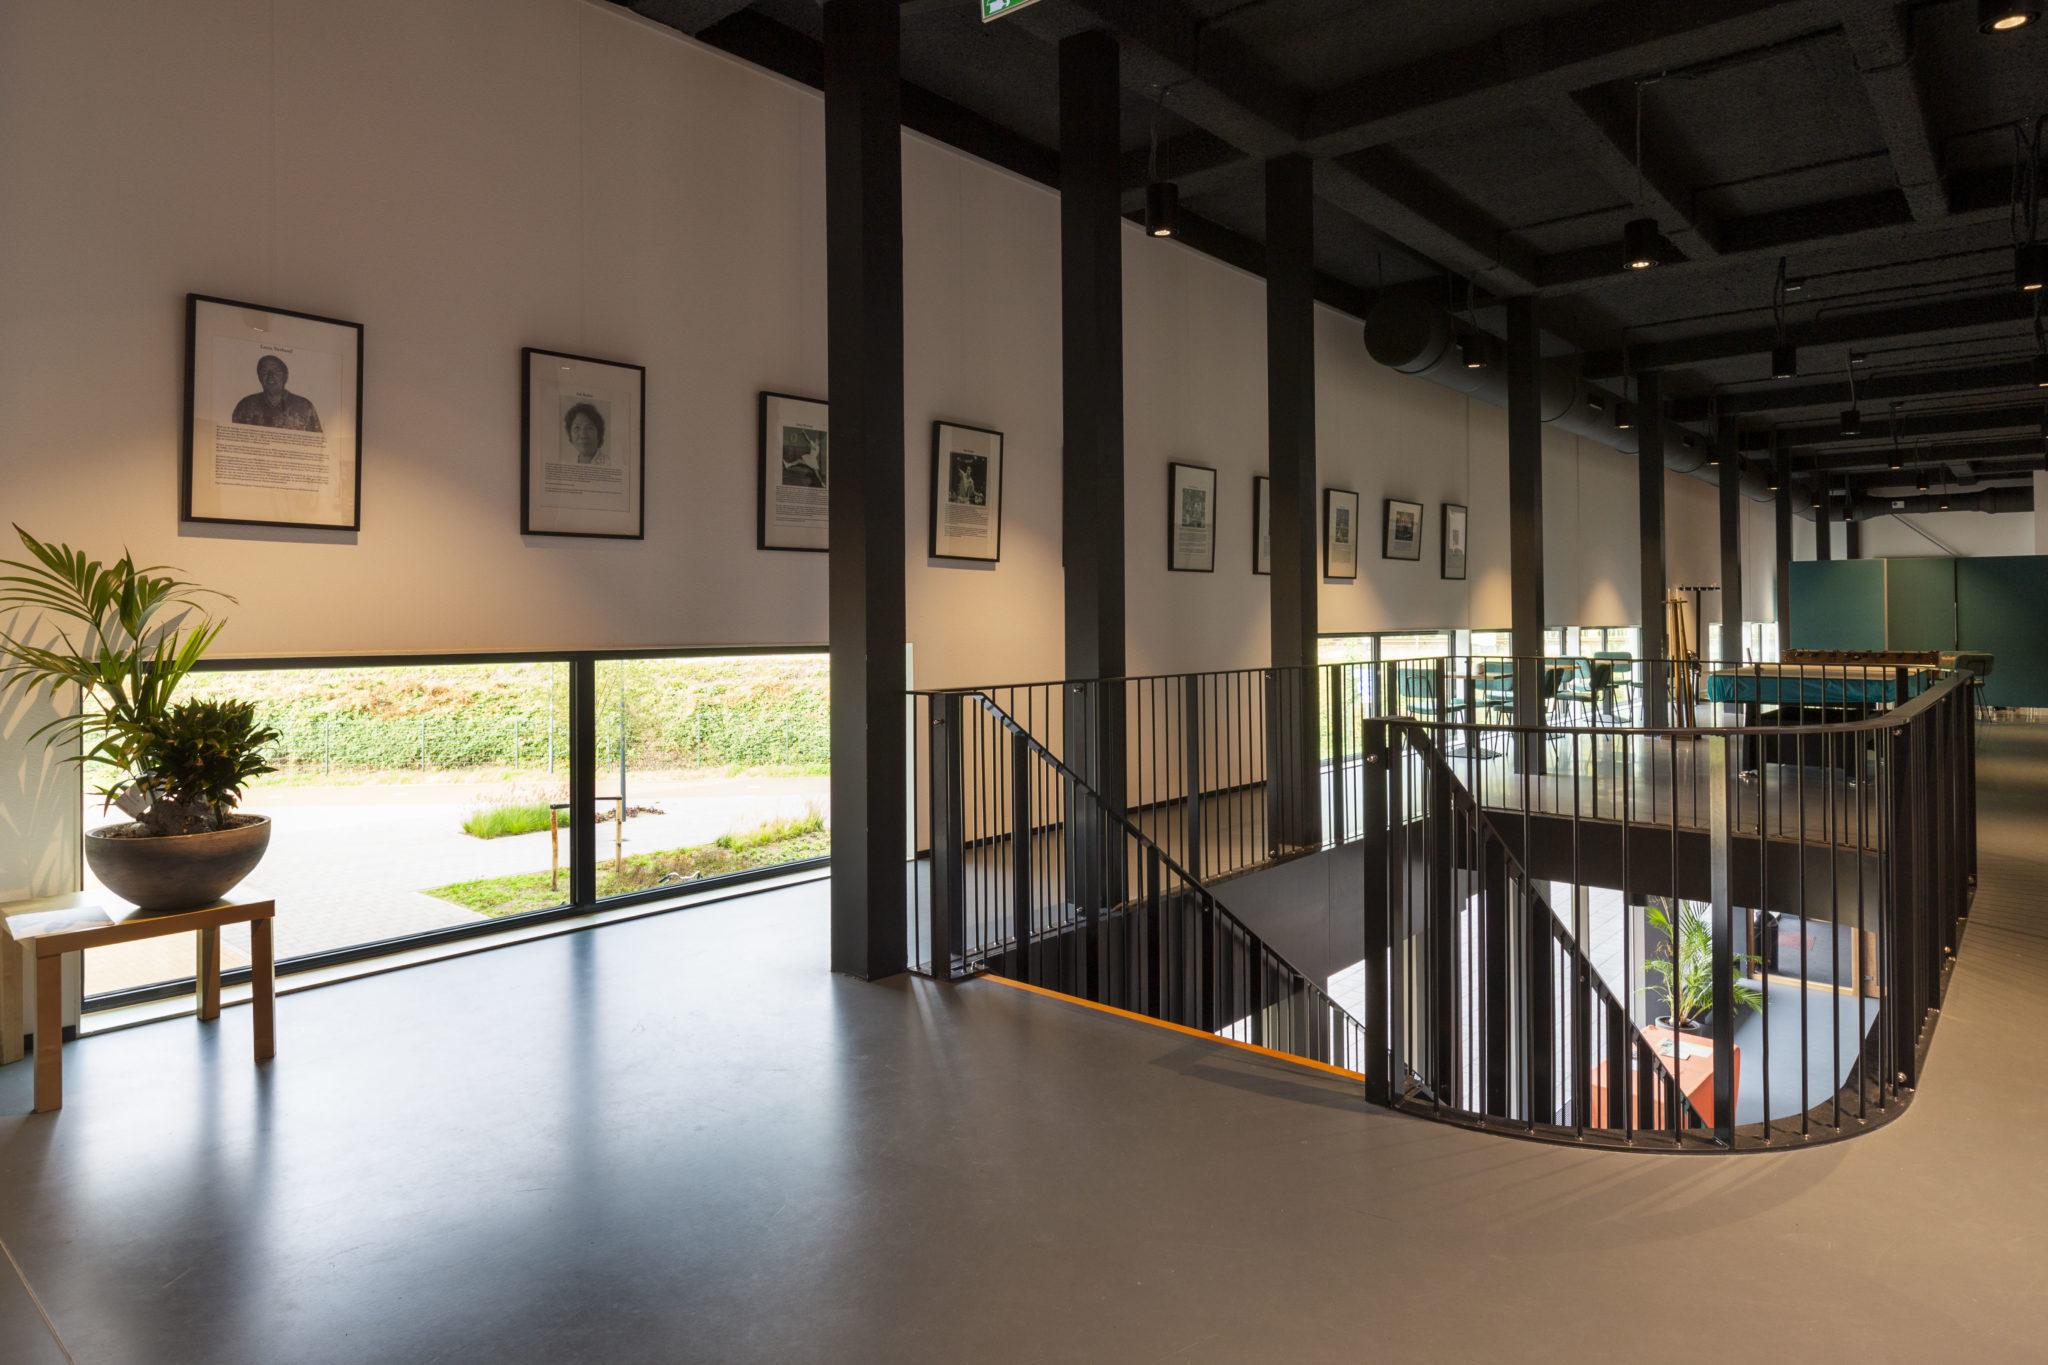 Ooms - Sporthal Duinwijck Te Haarlem